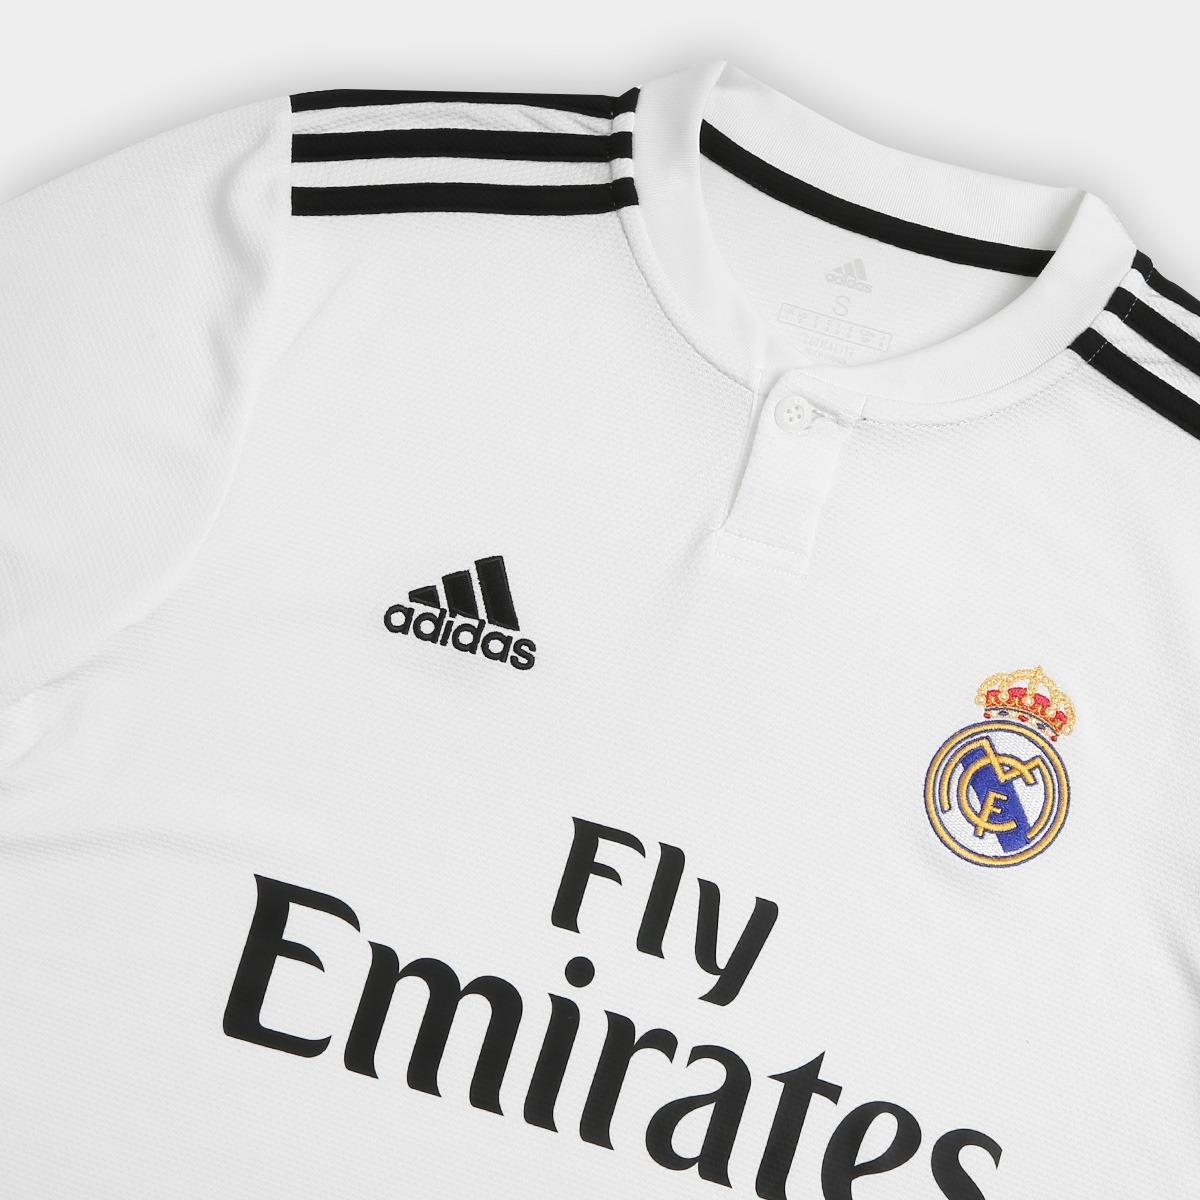 77e700779ce6d Camisa Real Madrid 2019 Nova Temporada S n Frete Grátis - R  129